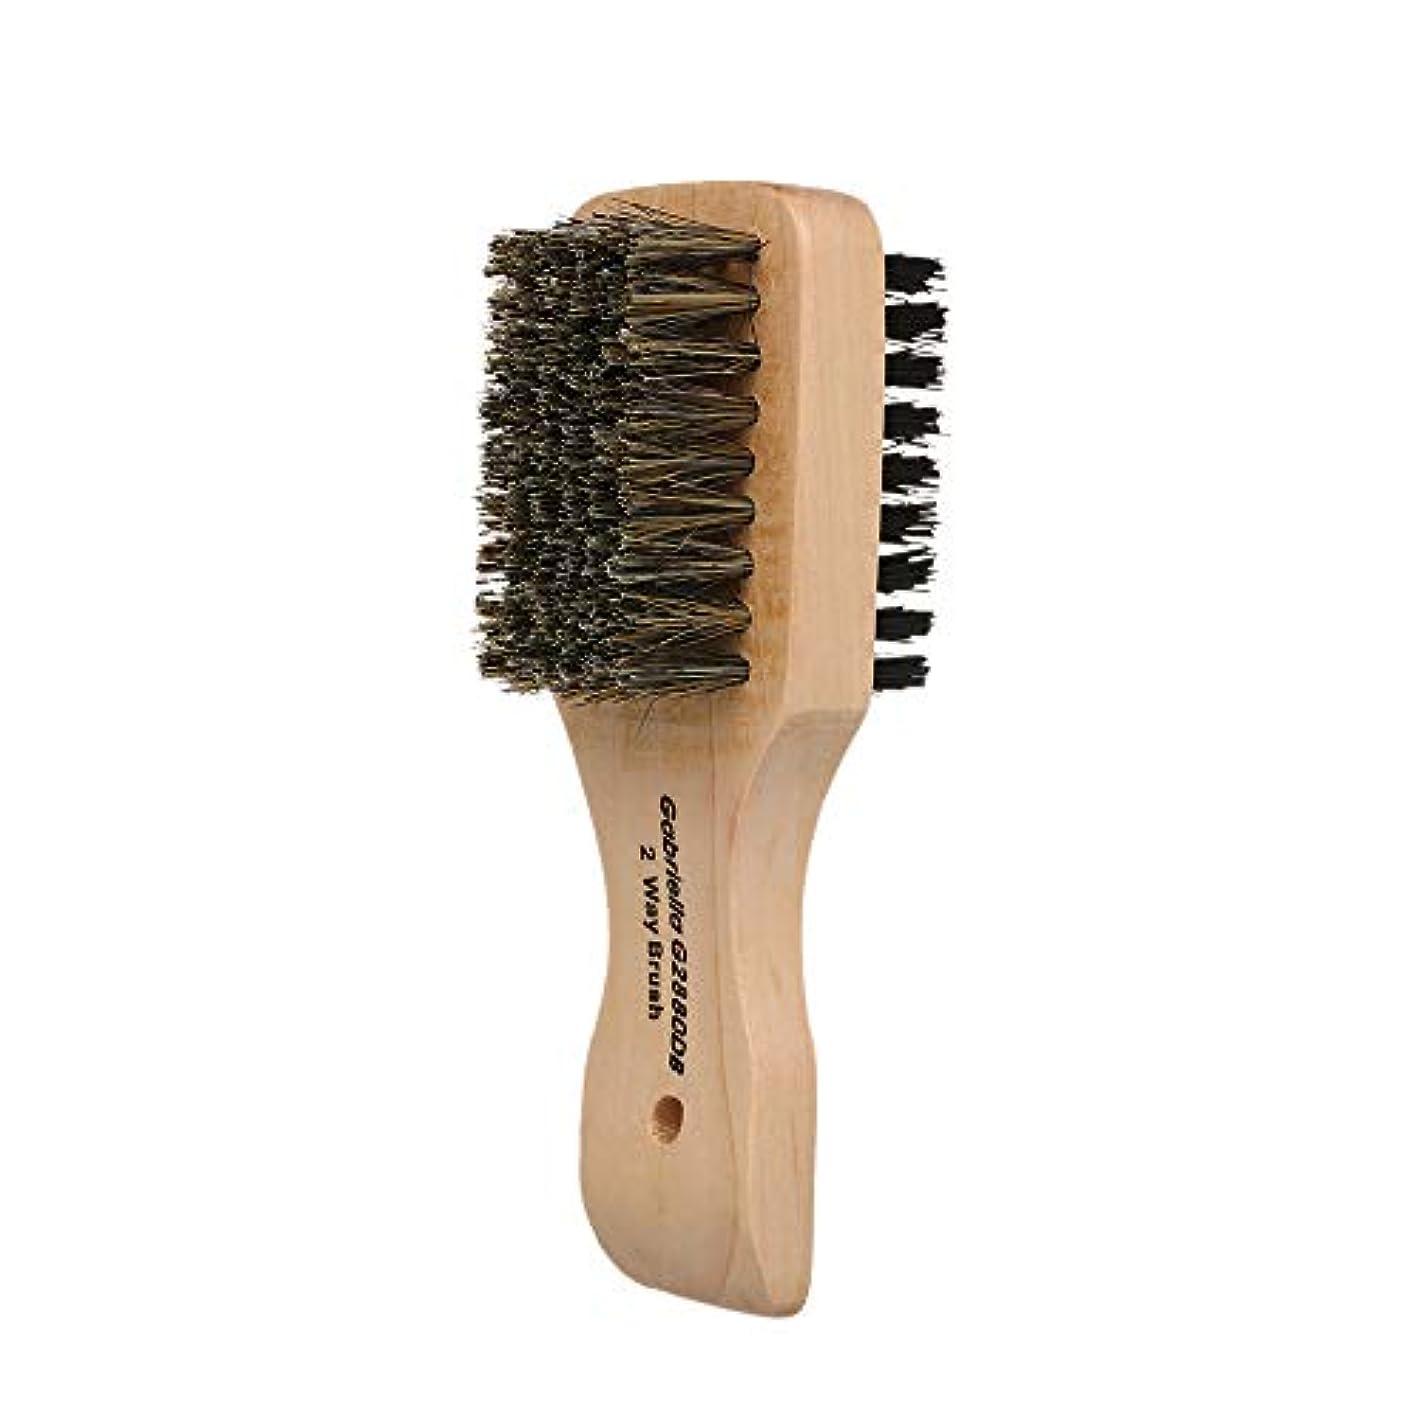 ローズ適用済み拡散するDecdeal シェービングブラシ メンズ 理容 洗顔 髭剃り